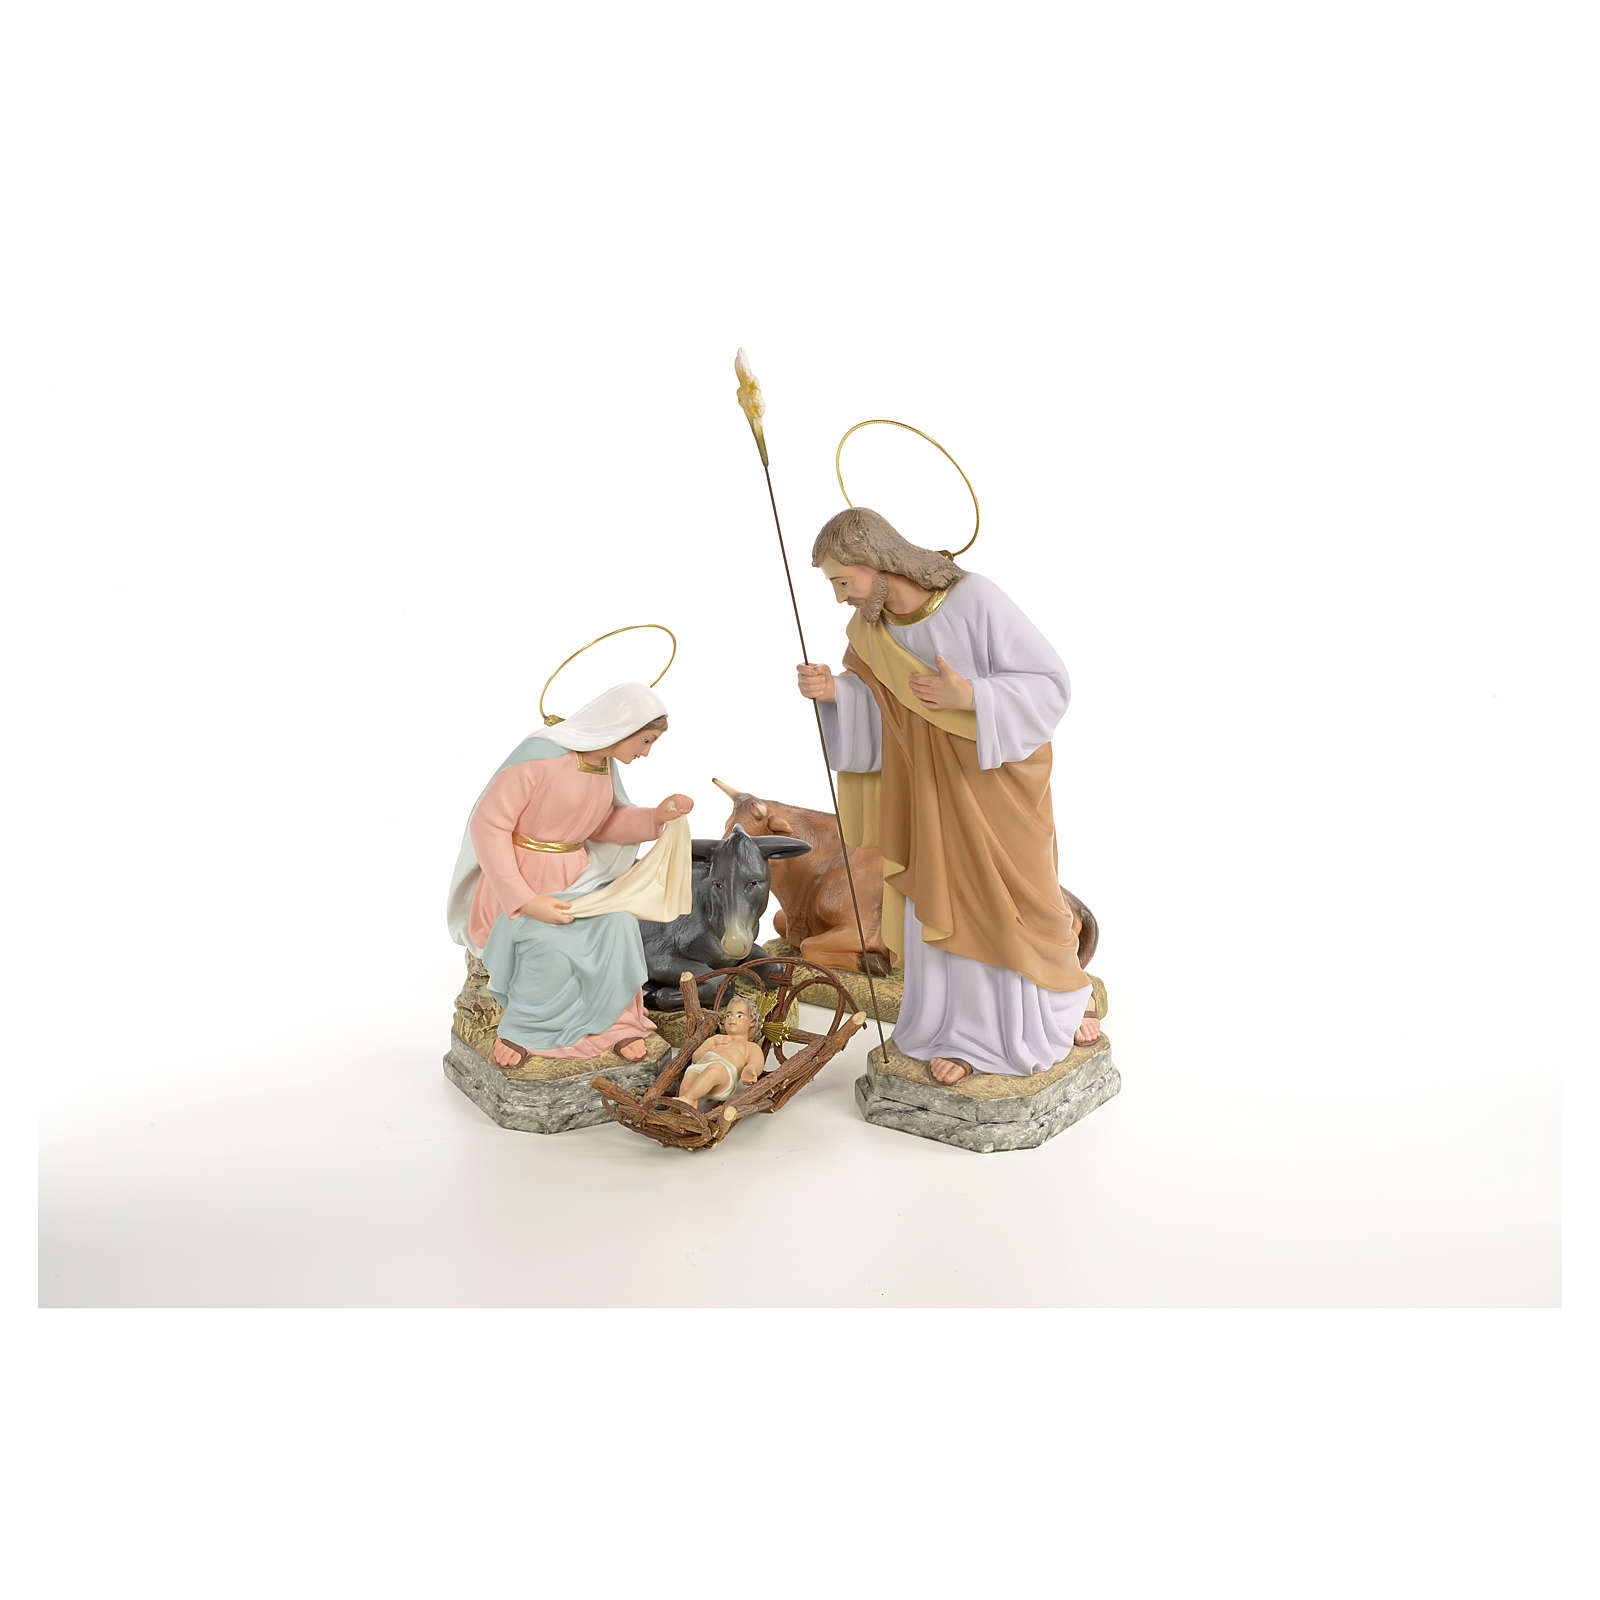 Natividad 30 cm pasta de madera dec. fina 3